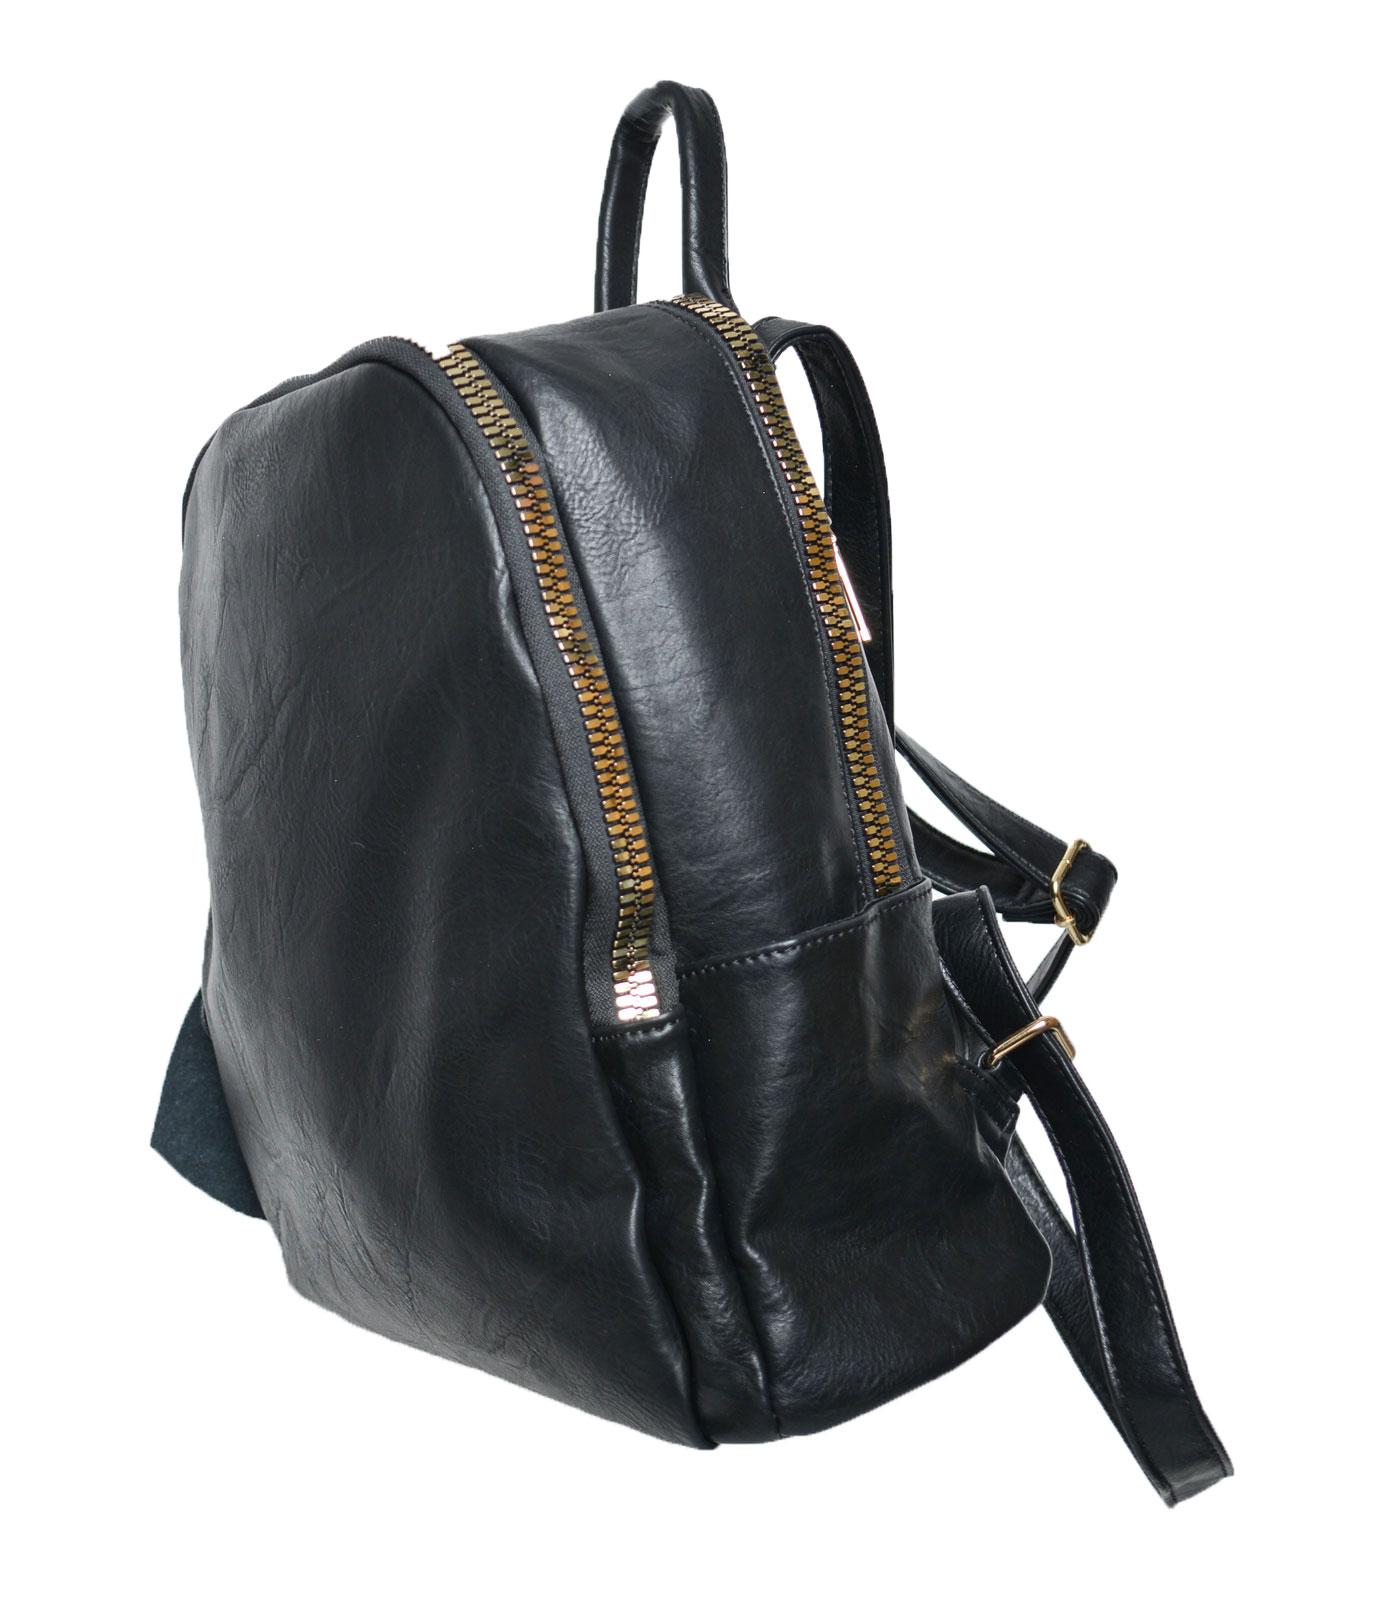 Τσάντα πλάτης με μεγάλο χρυσό φαρμουάρ Μαύρη